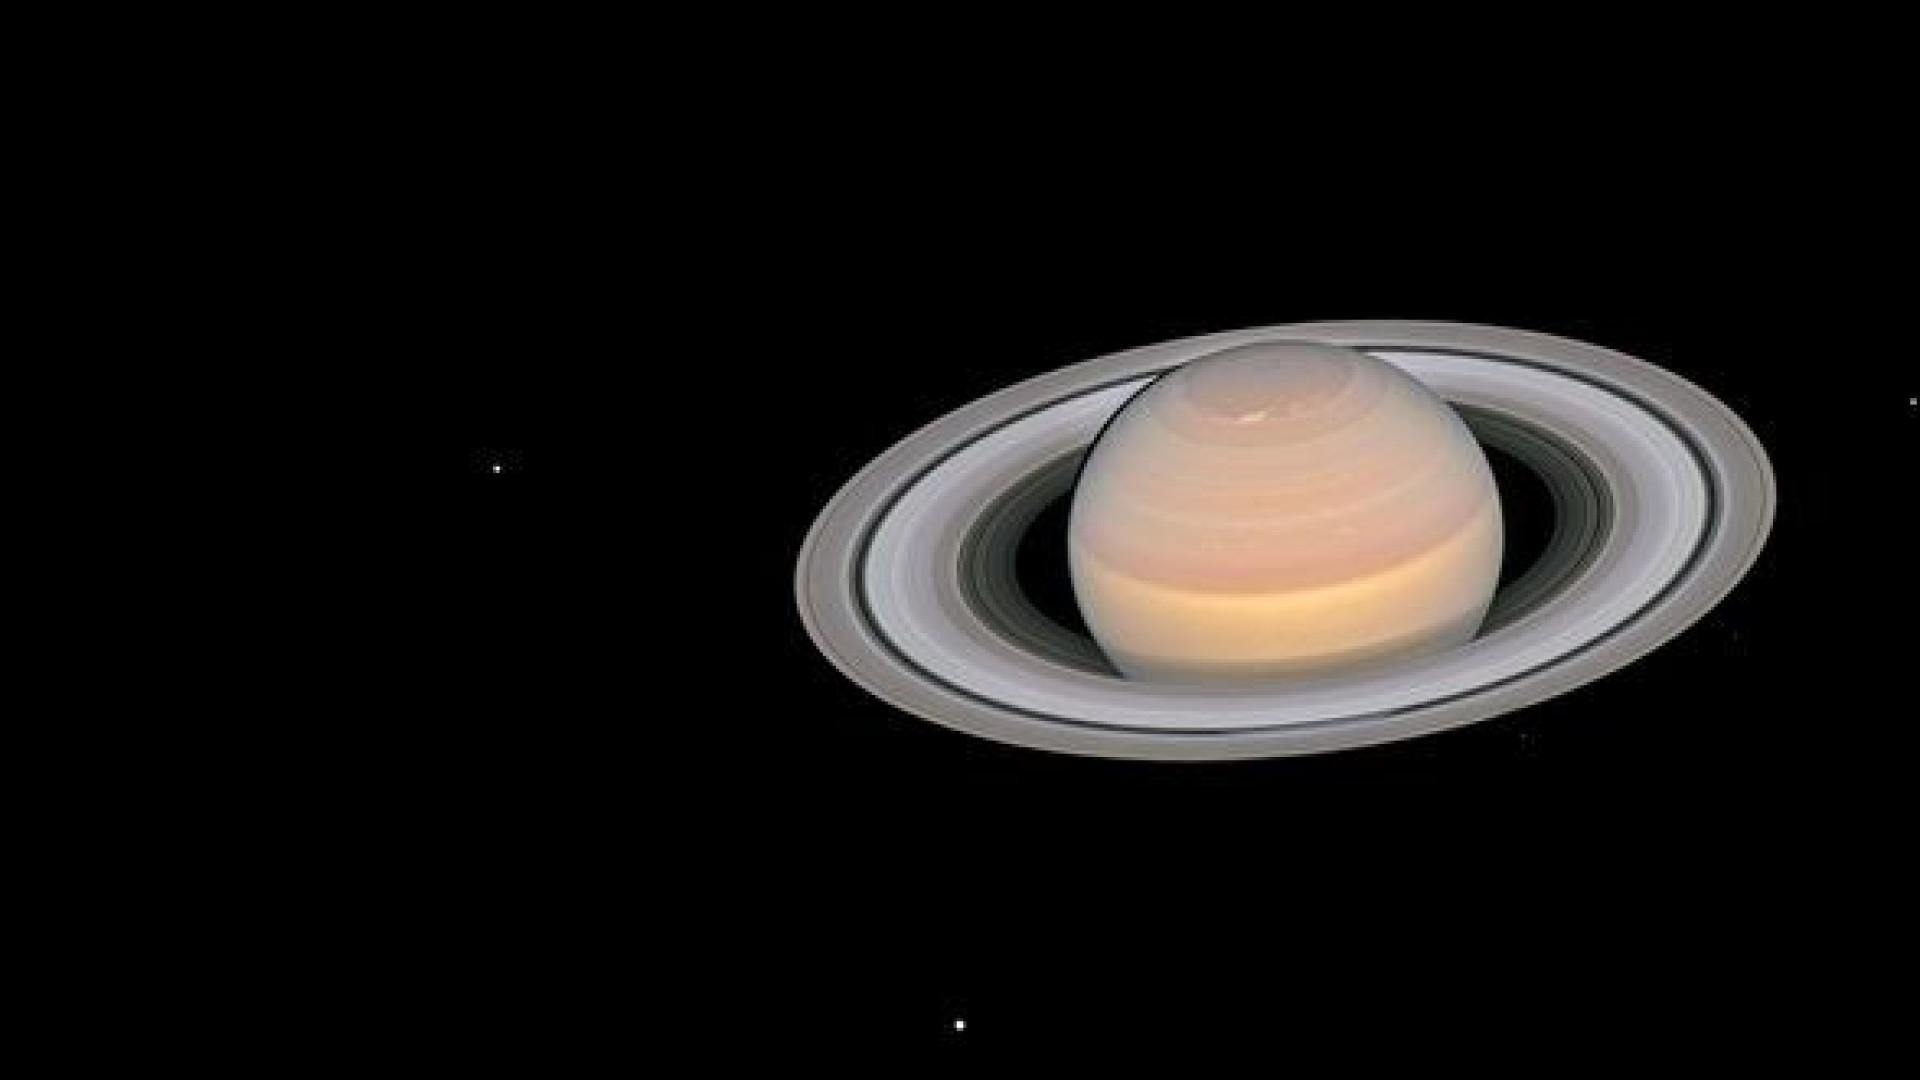 Hubble capta novas (e impressionantes) imagens de Marte e Saturno